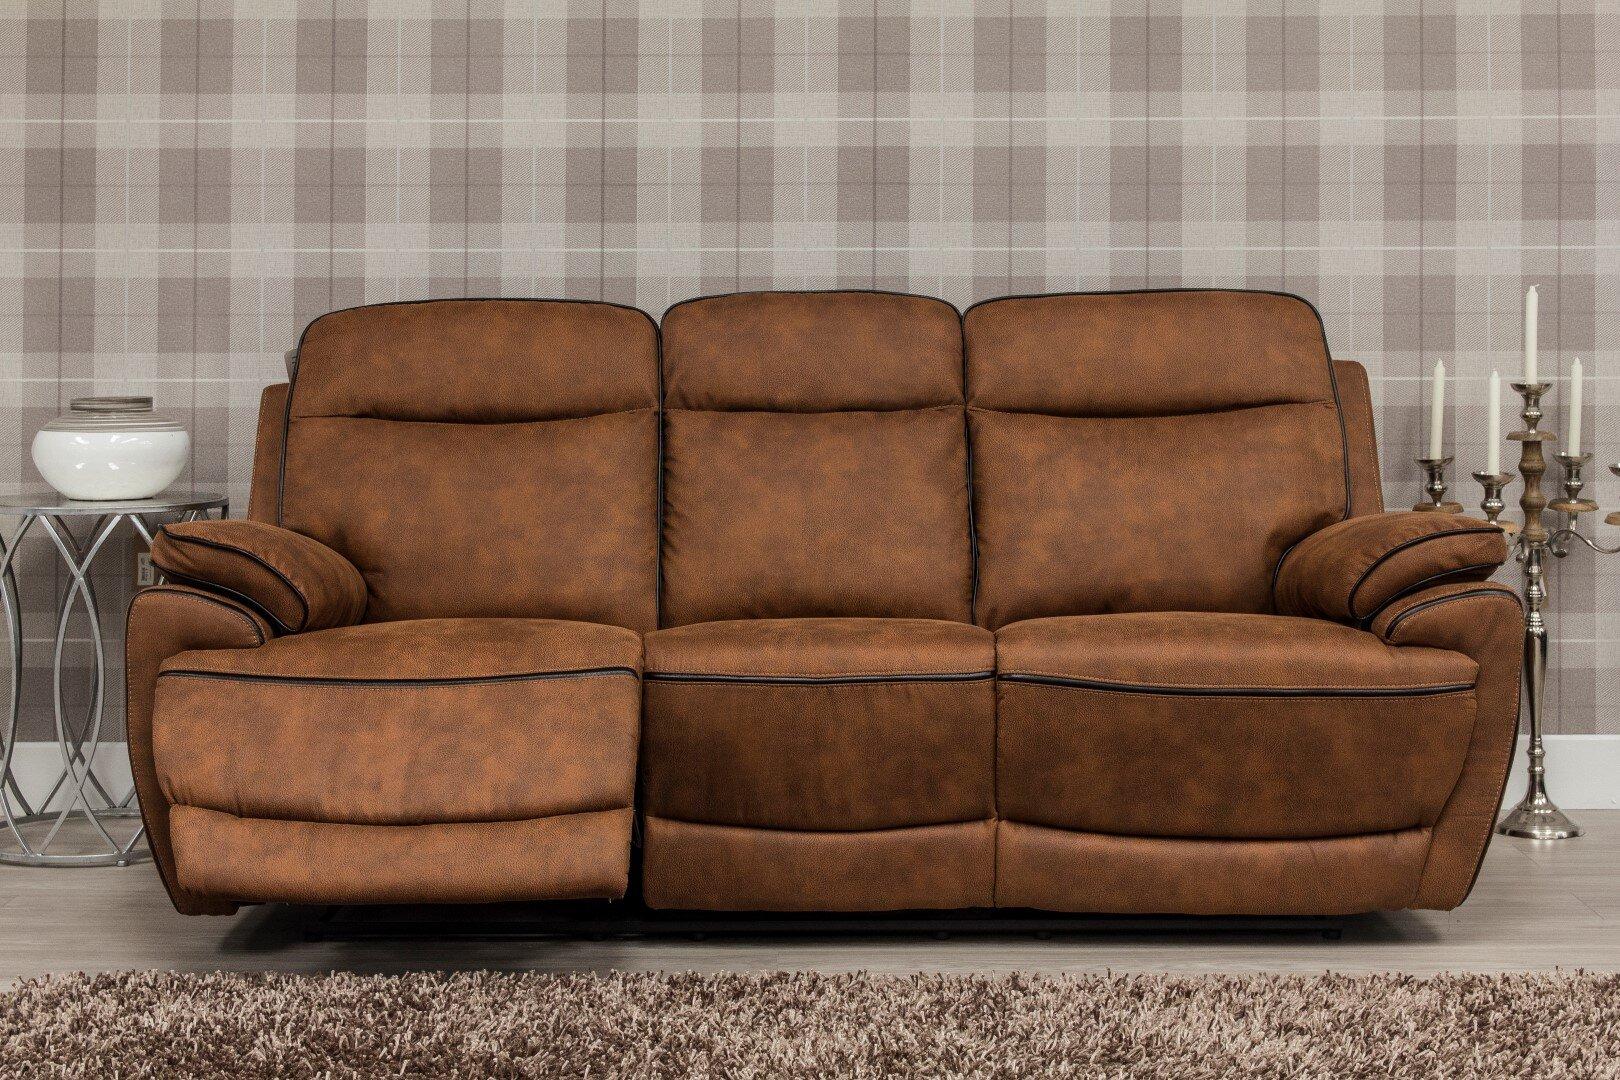 Lotus Fabric Sofa - Brown 2